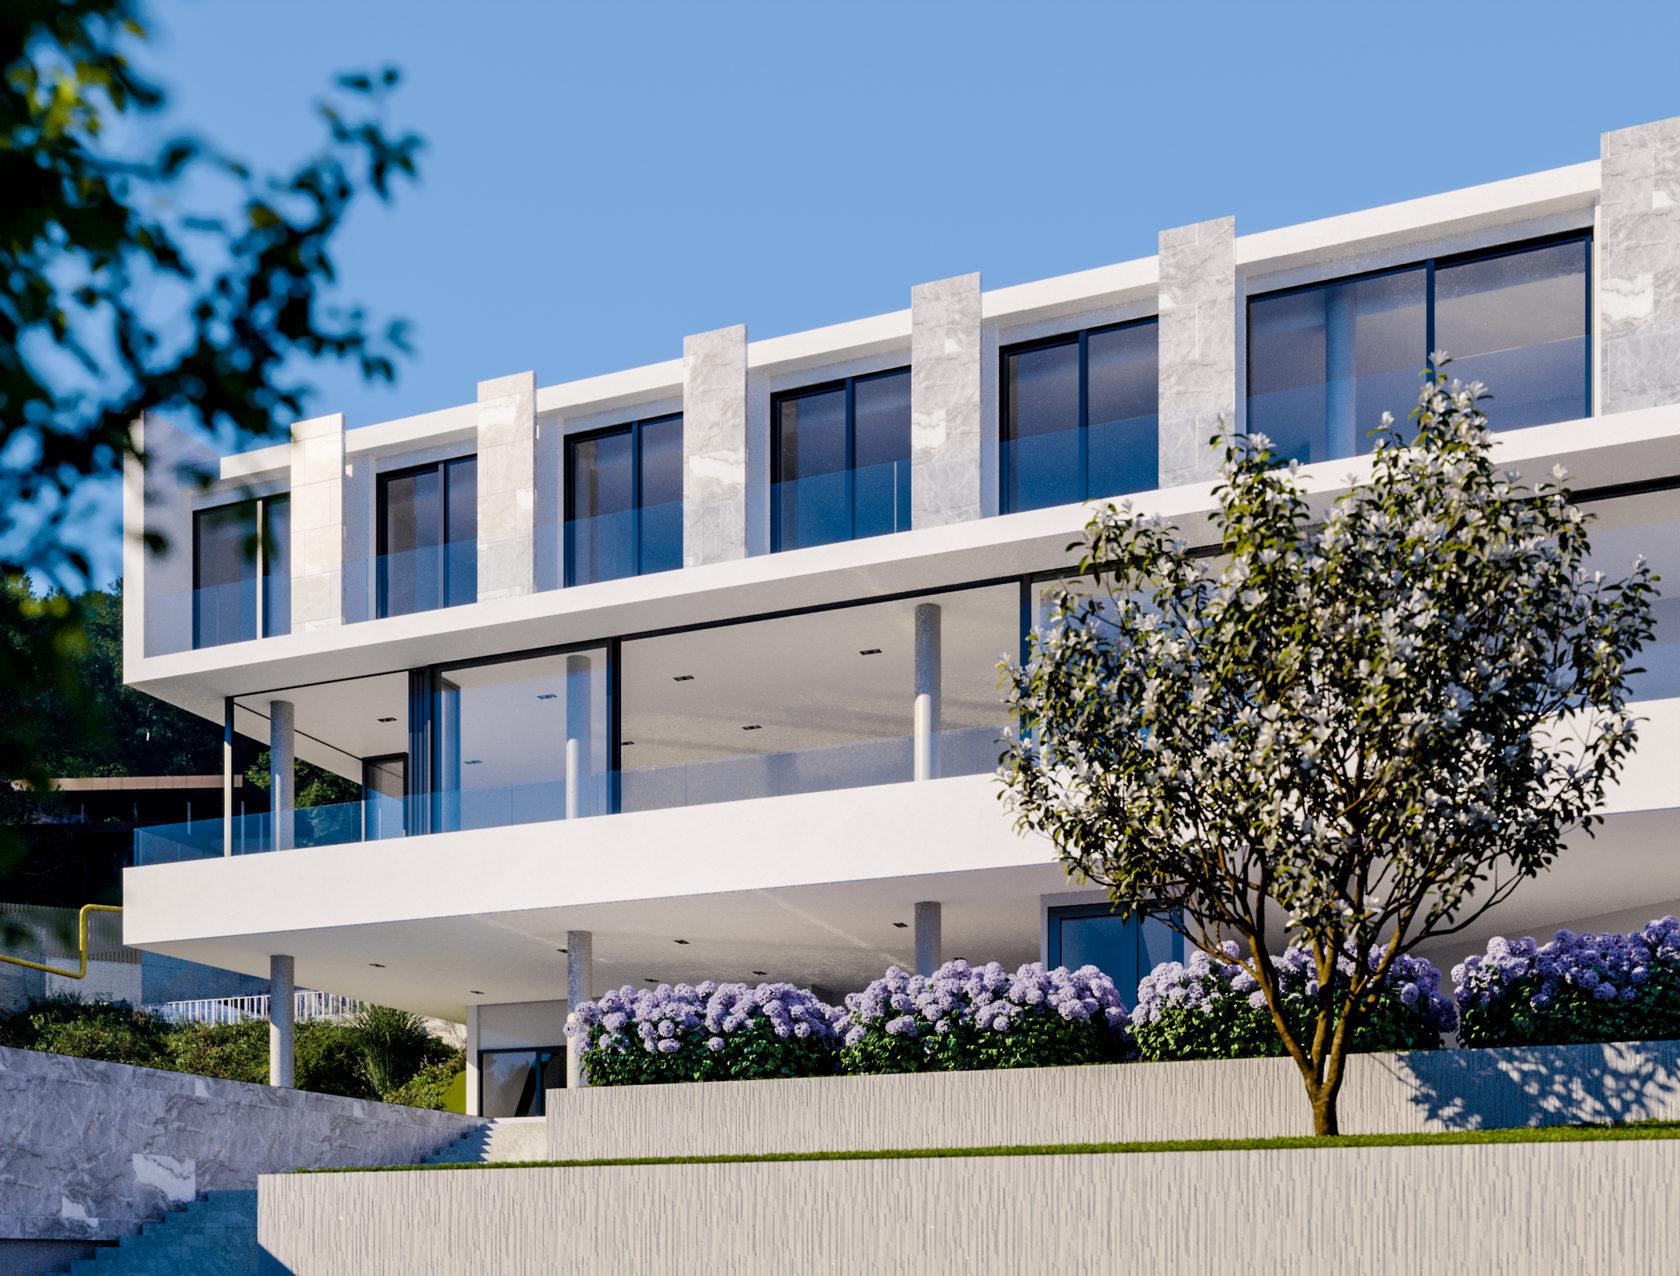 визуализация, эскизный проект, сочи, хоста, вилла, на склоне, 500 кв.м., два этажа, с бассейном, архитектурный, окна в пол, schuco